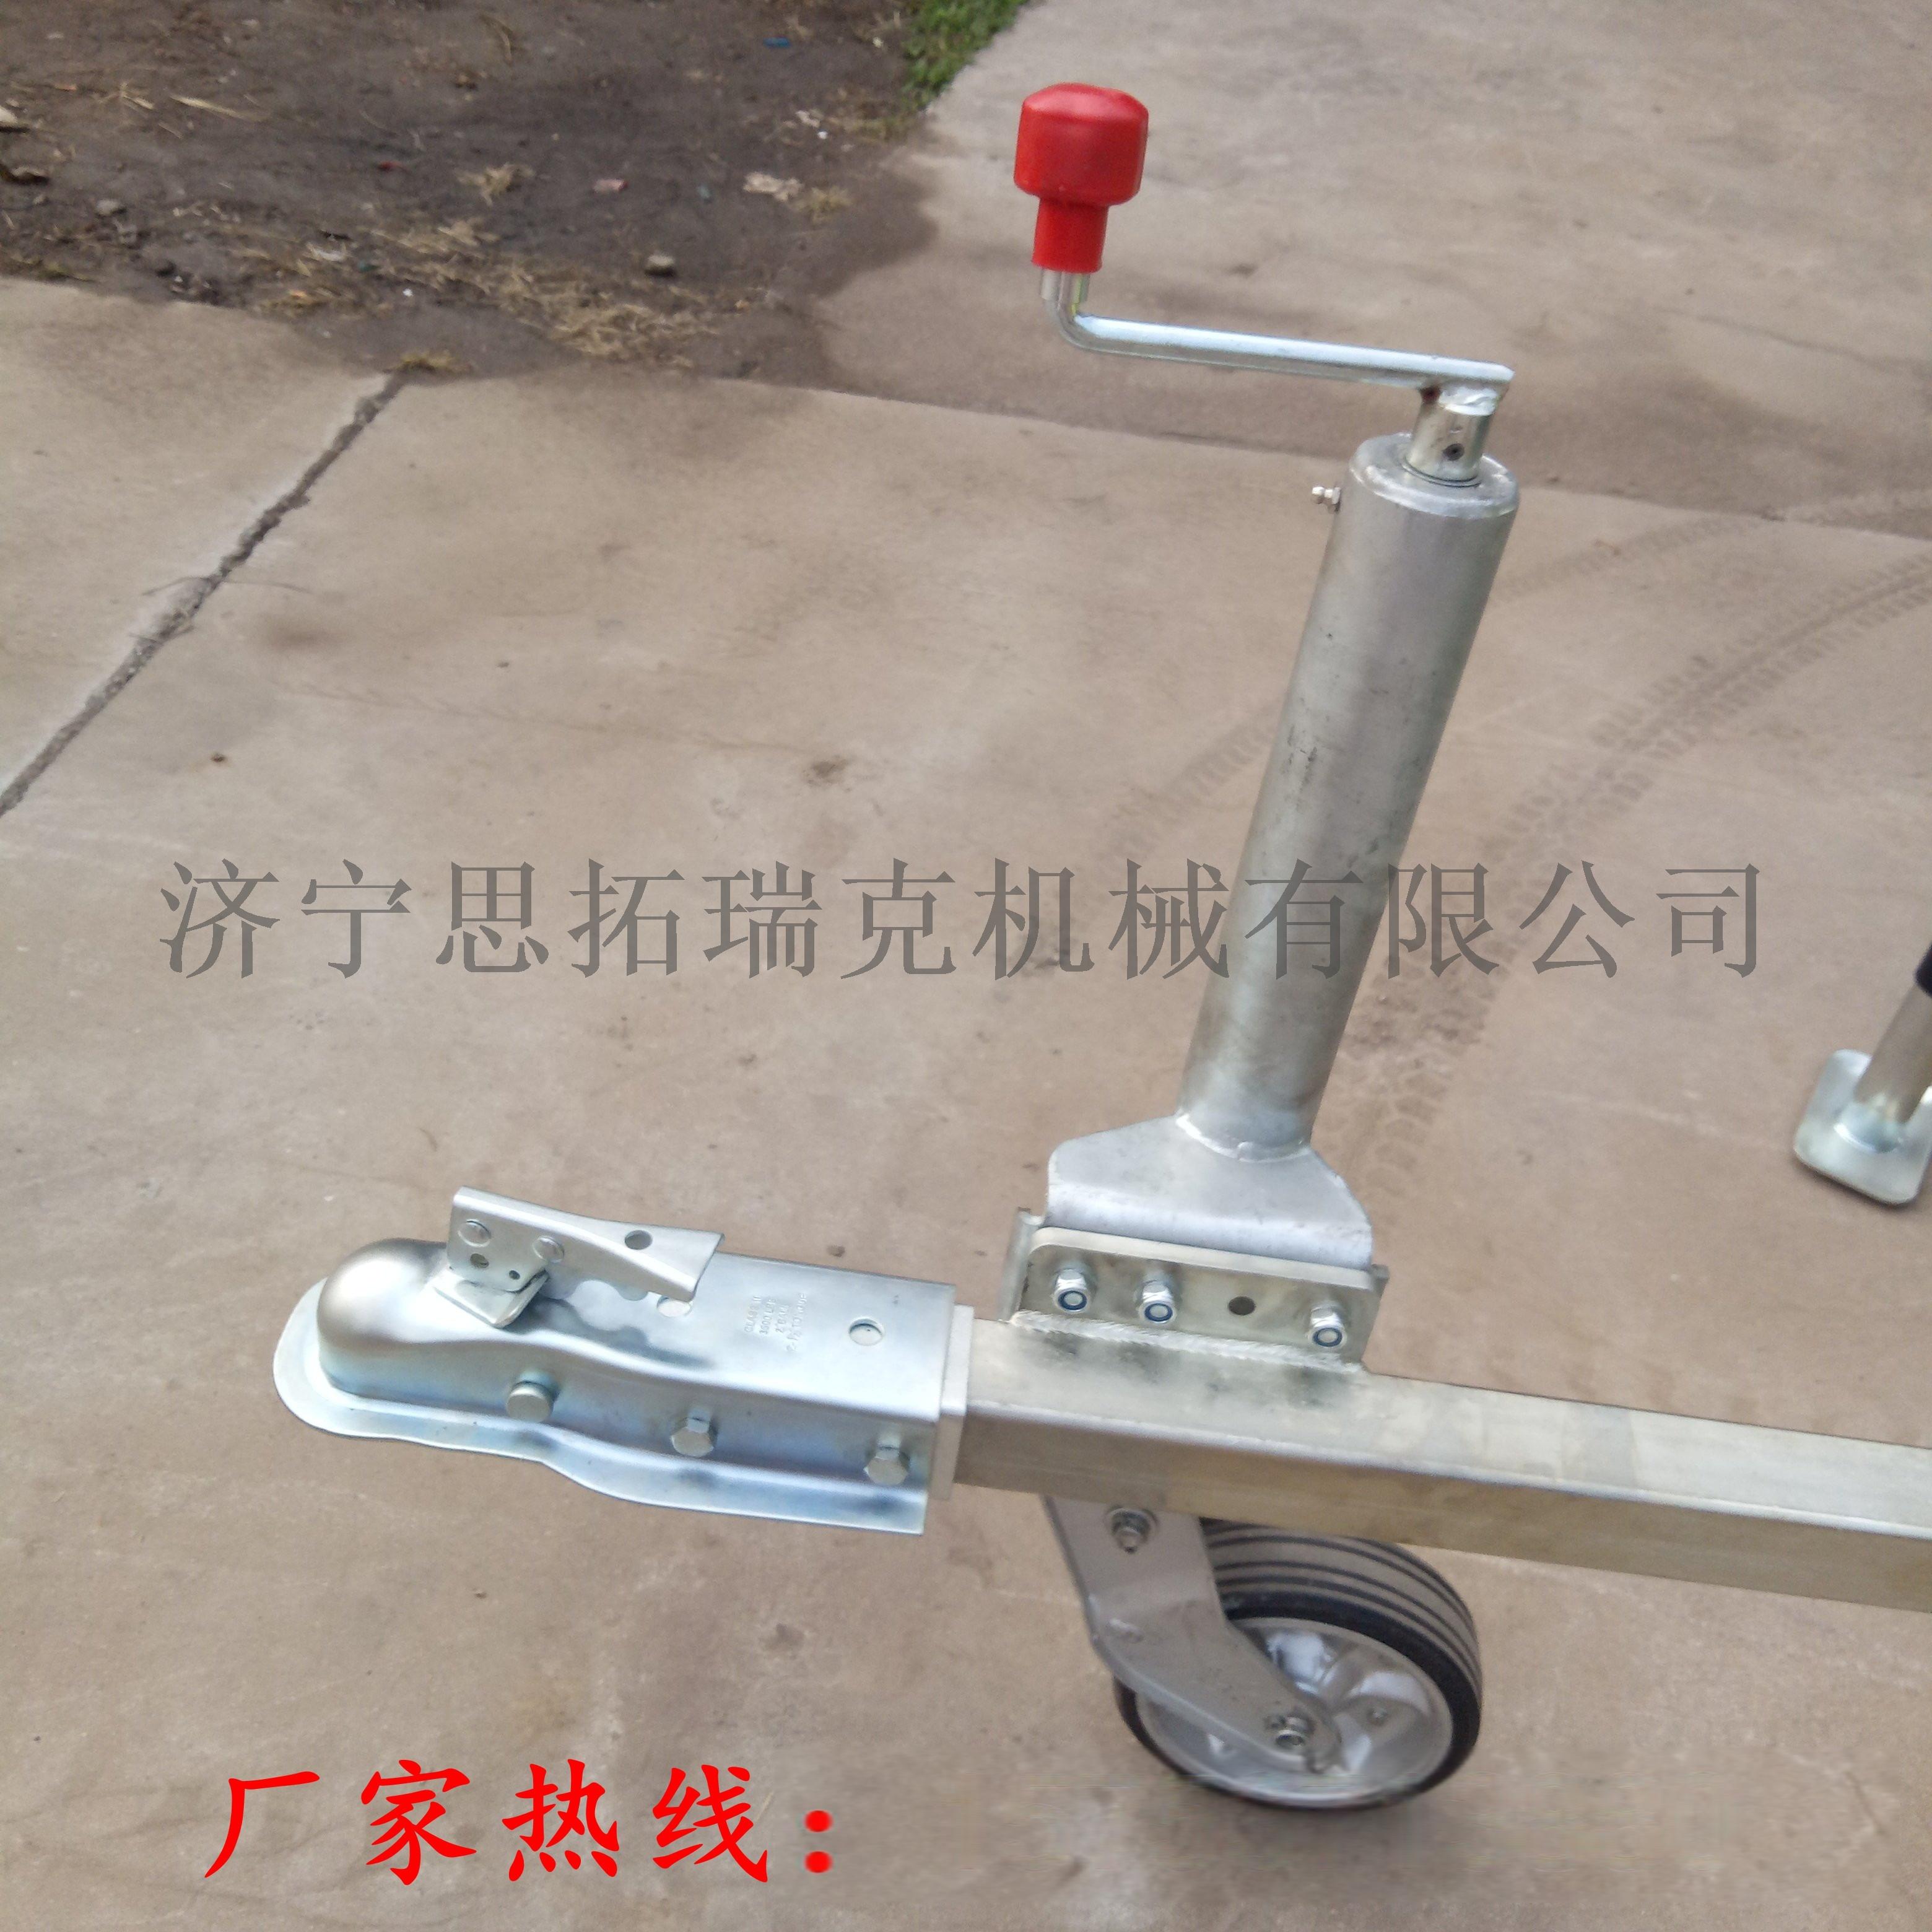 9米拖車照明車 (13).jpg